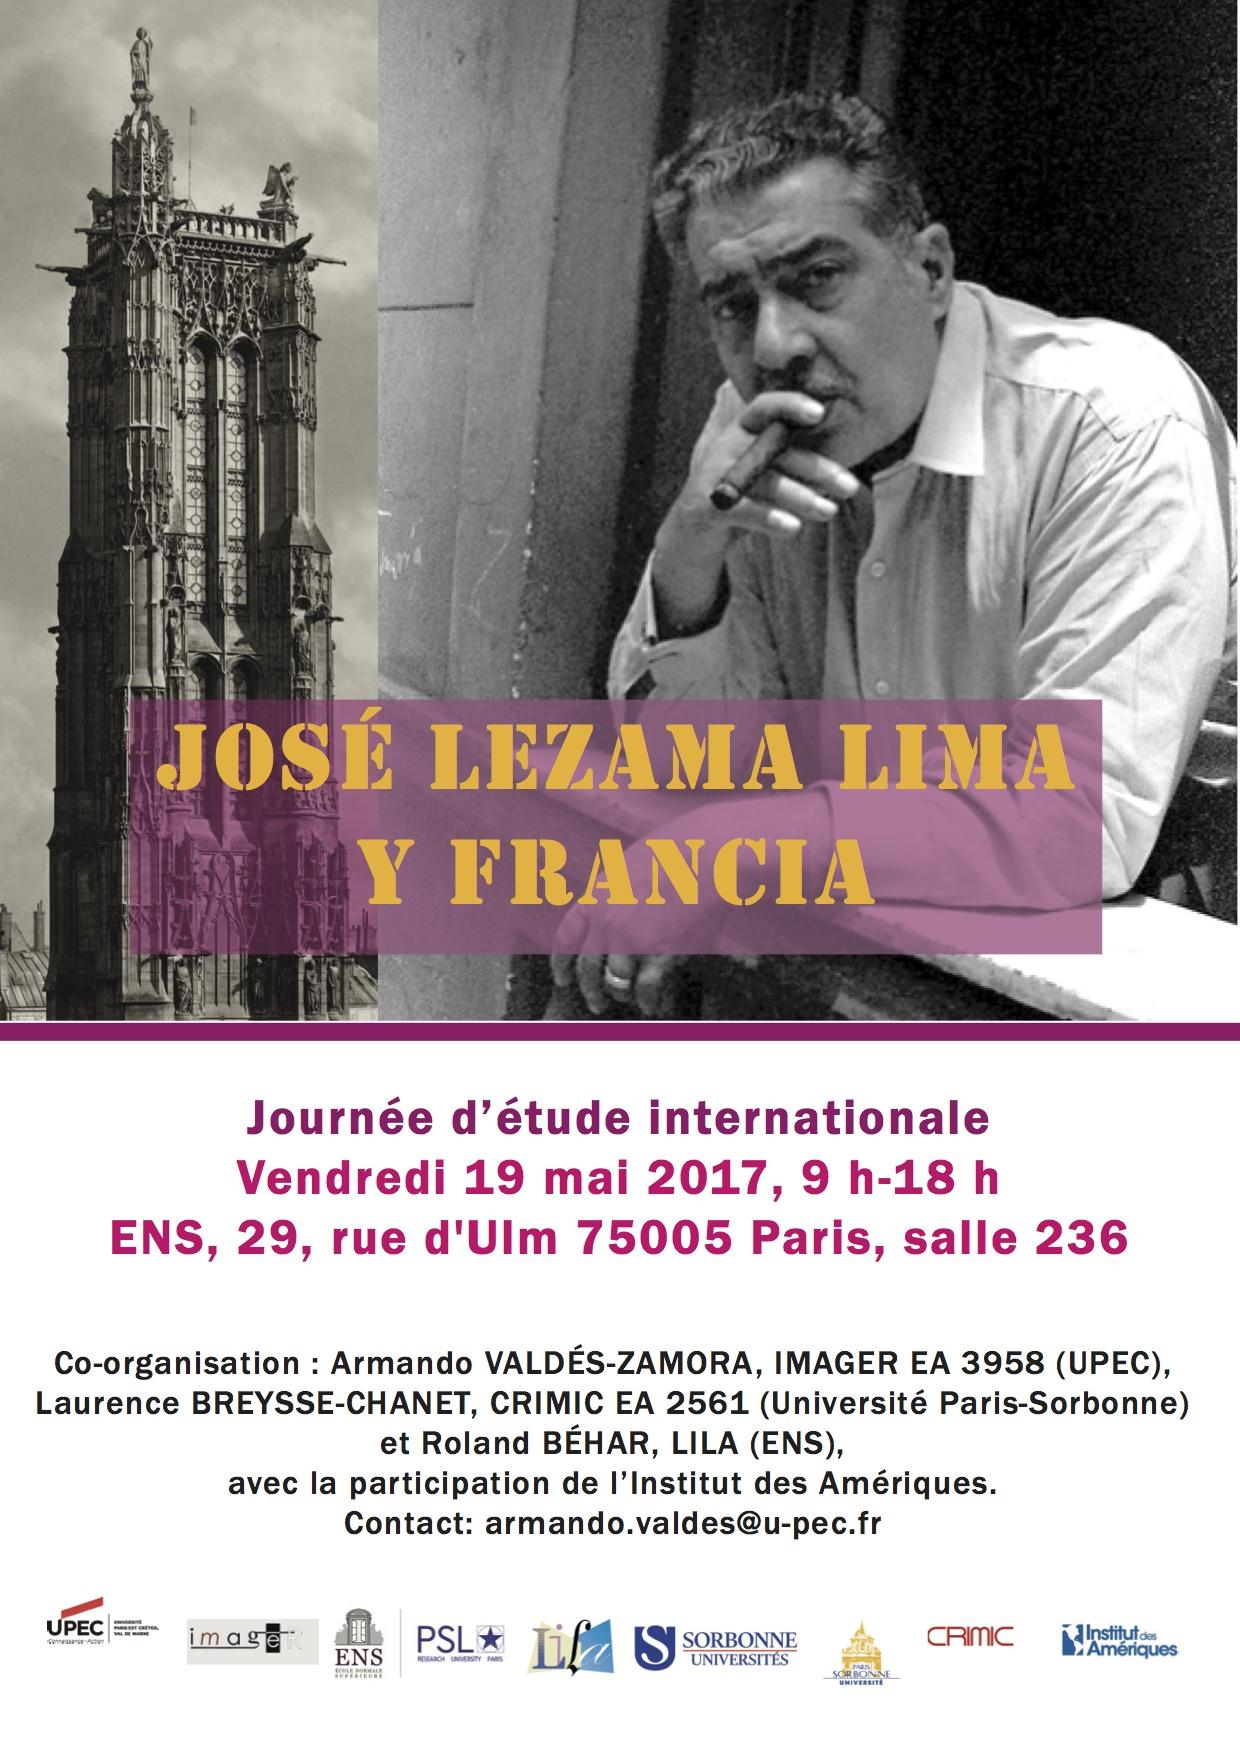 José Lezama Lima y Francia